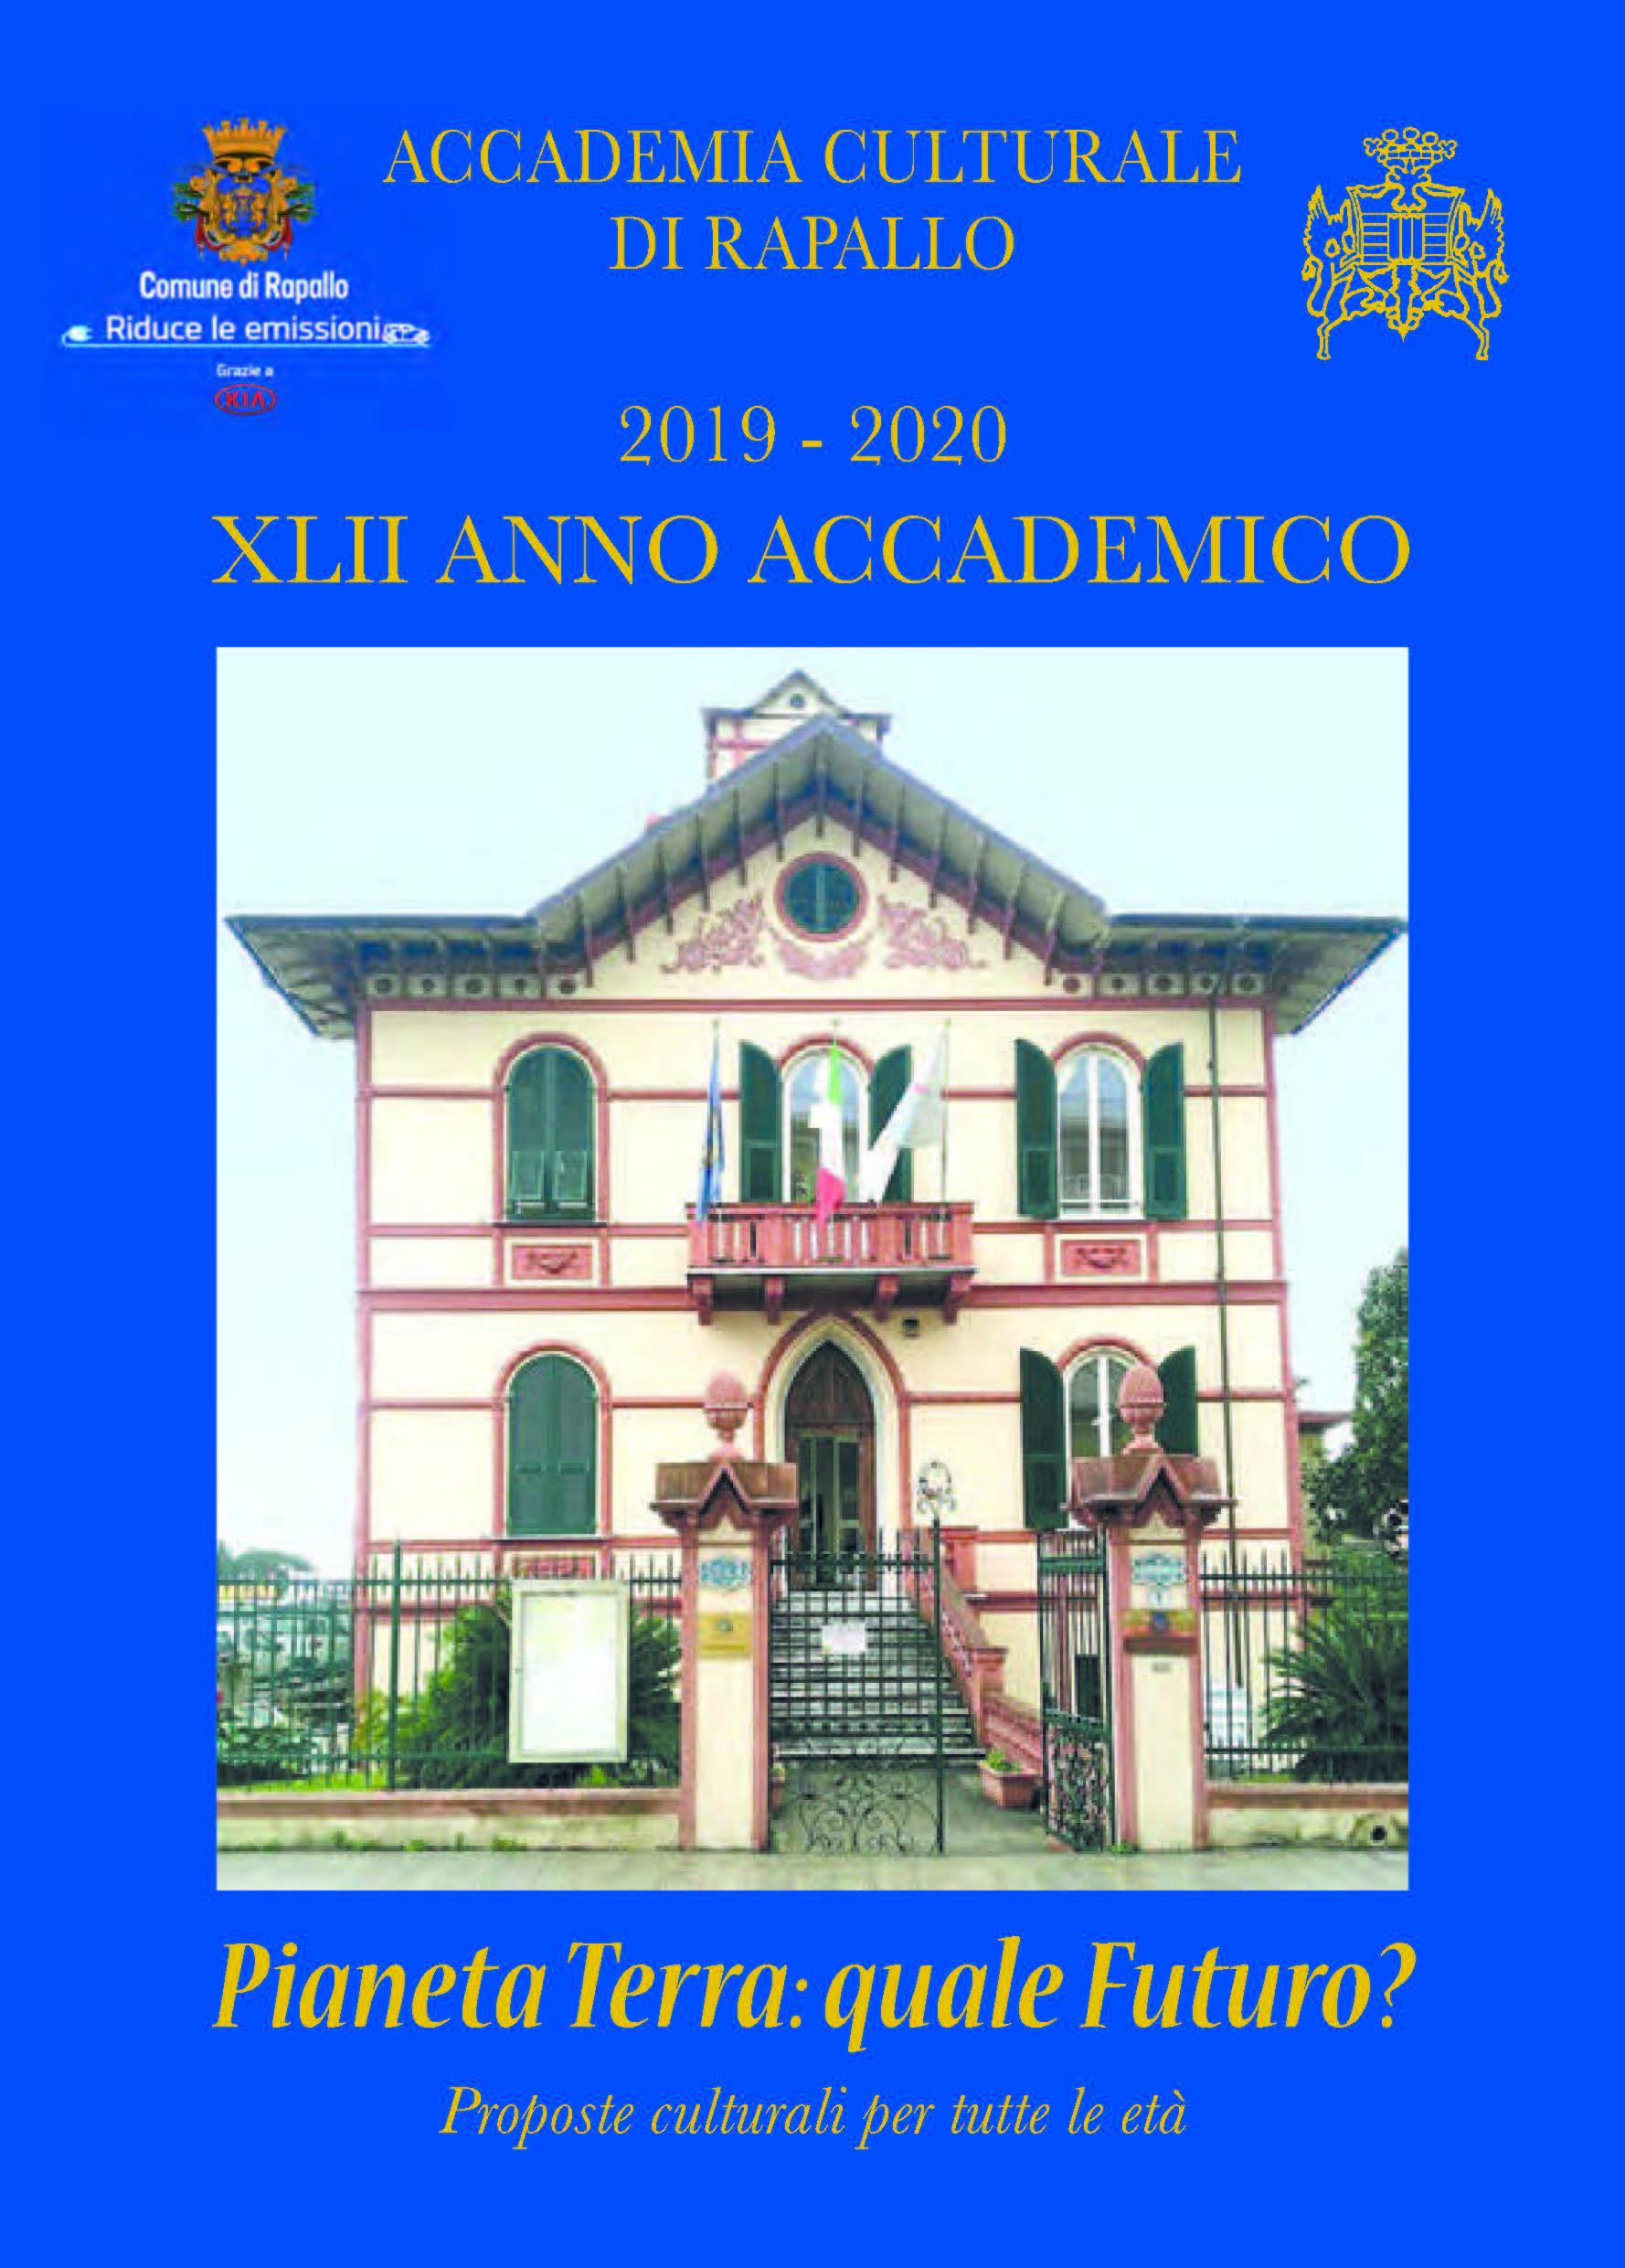 Copertina Programma Accademia Culturale Rapallo 2019/2020